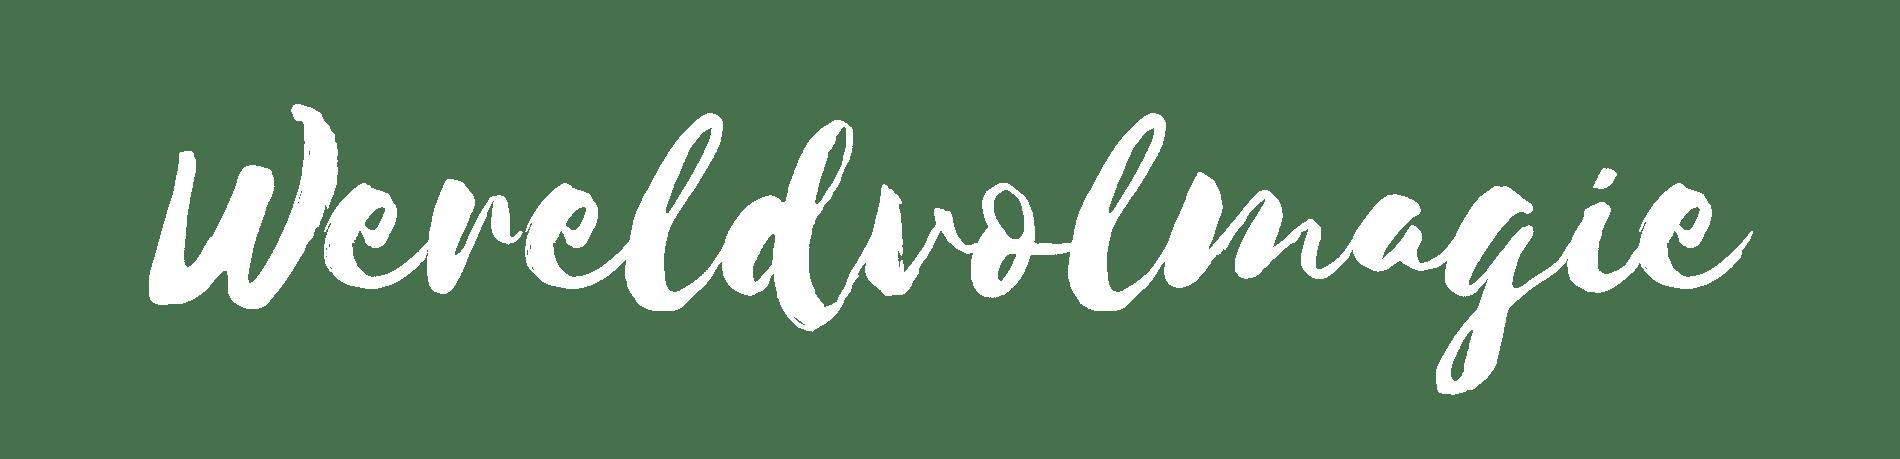 WereldvolMagie.nl